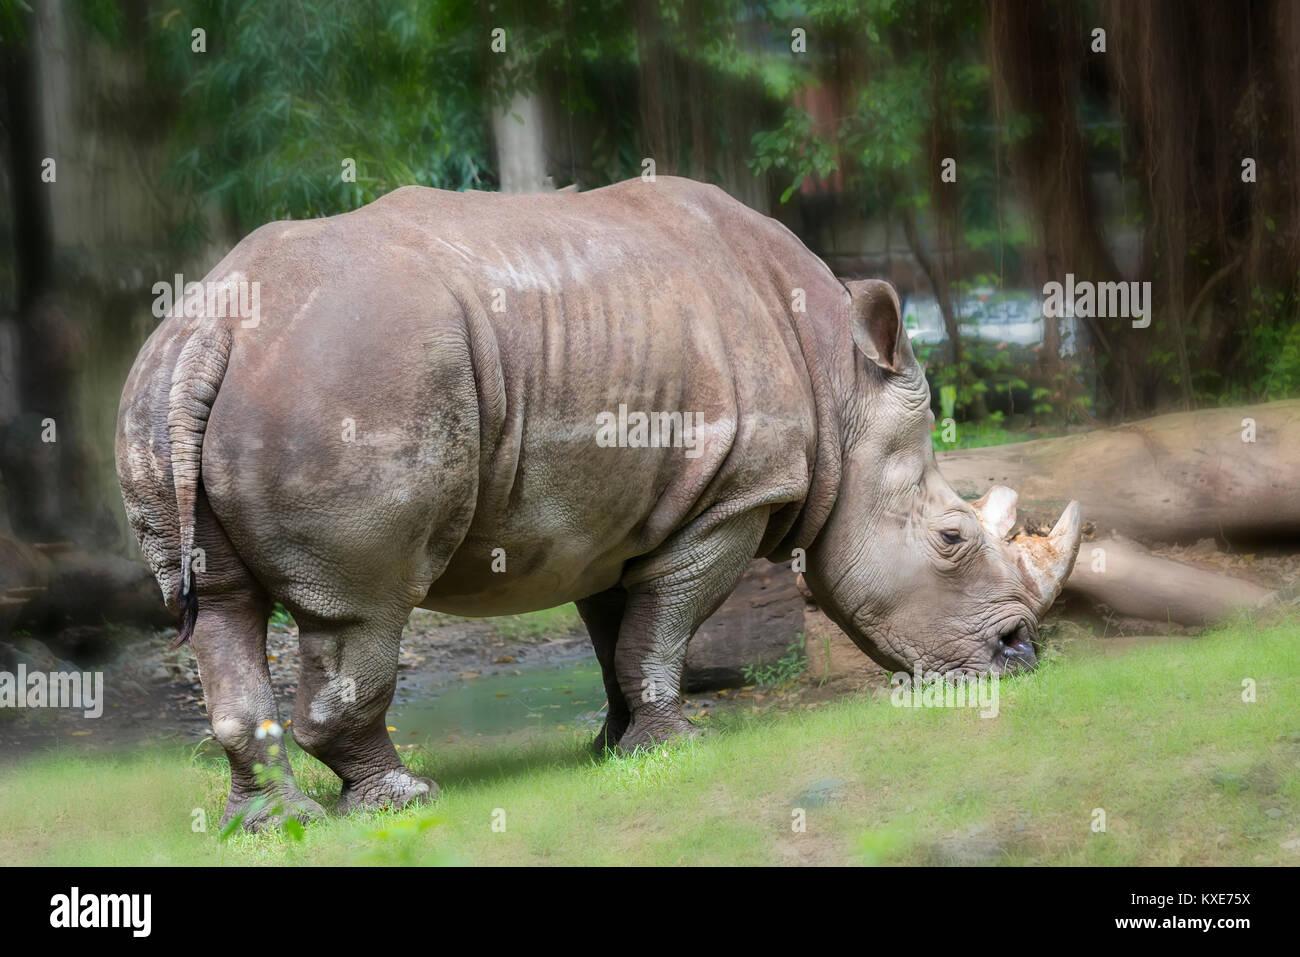 Nashorn im Zoo, das ist eine ausgestorbene Tier in der Natur noch erhalten heute. Stockfoto